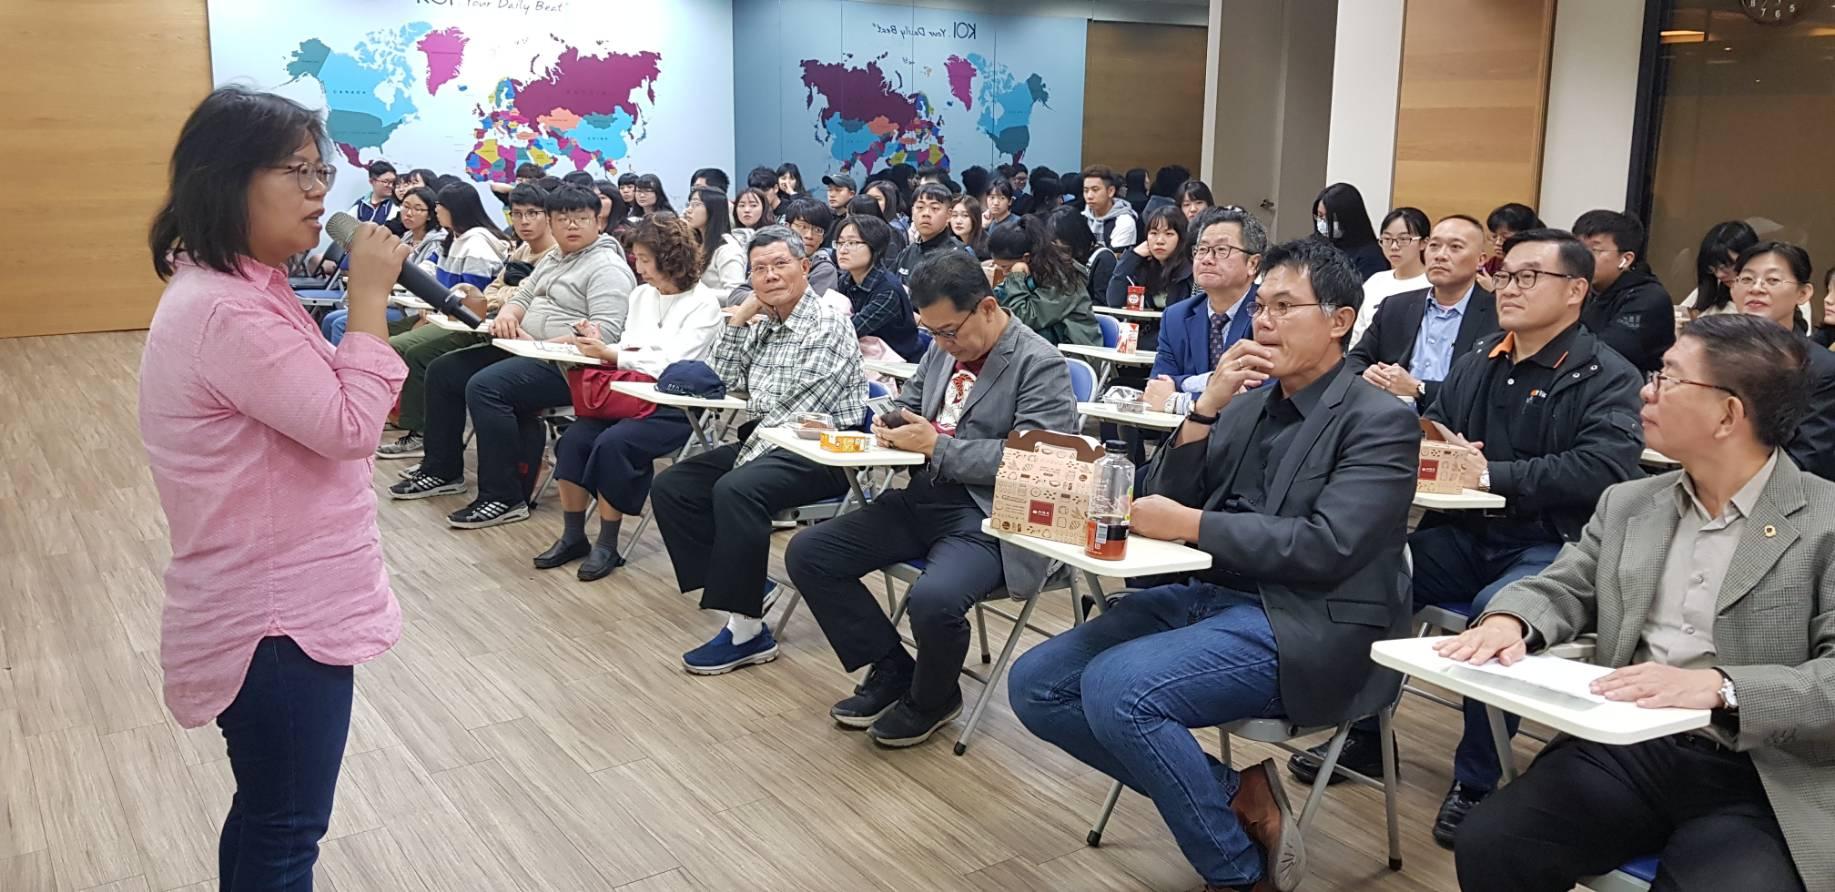 50嵐總部校友柯秋燕總經理熱誠解說公司成立發展狀況